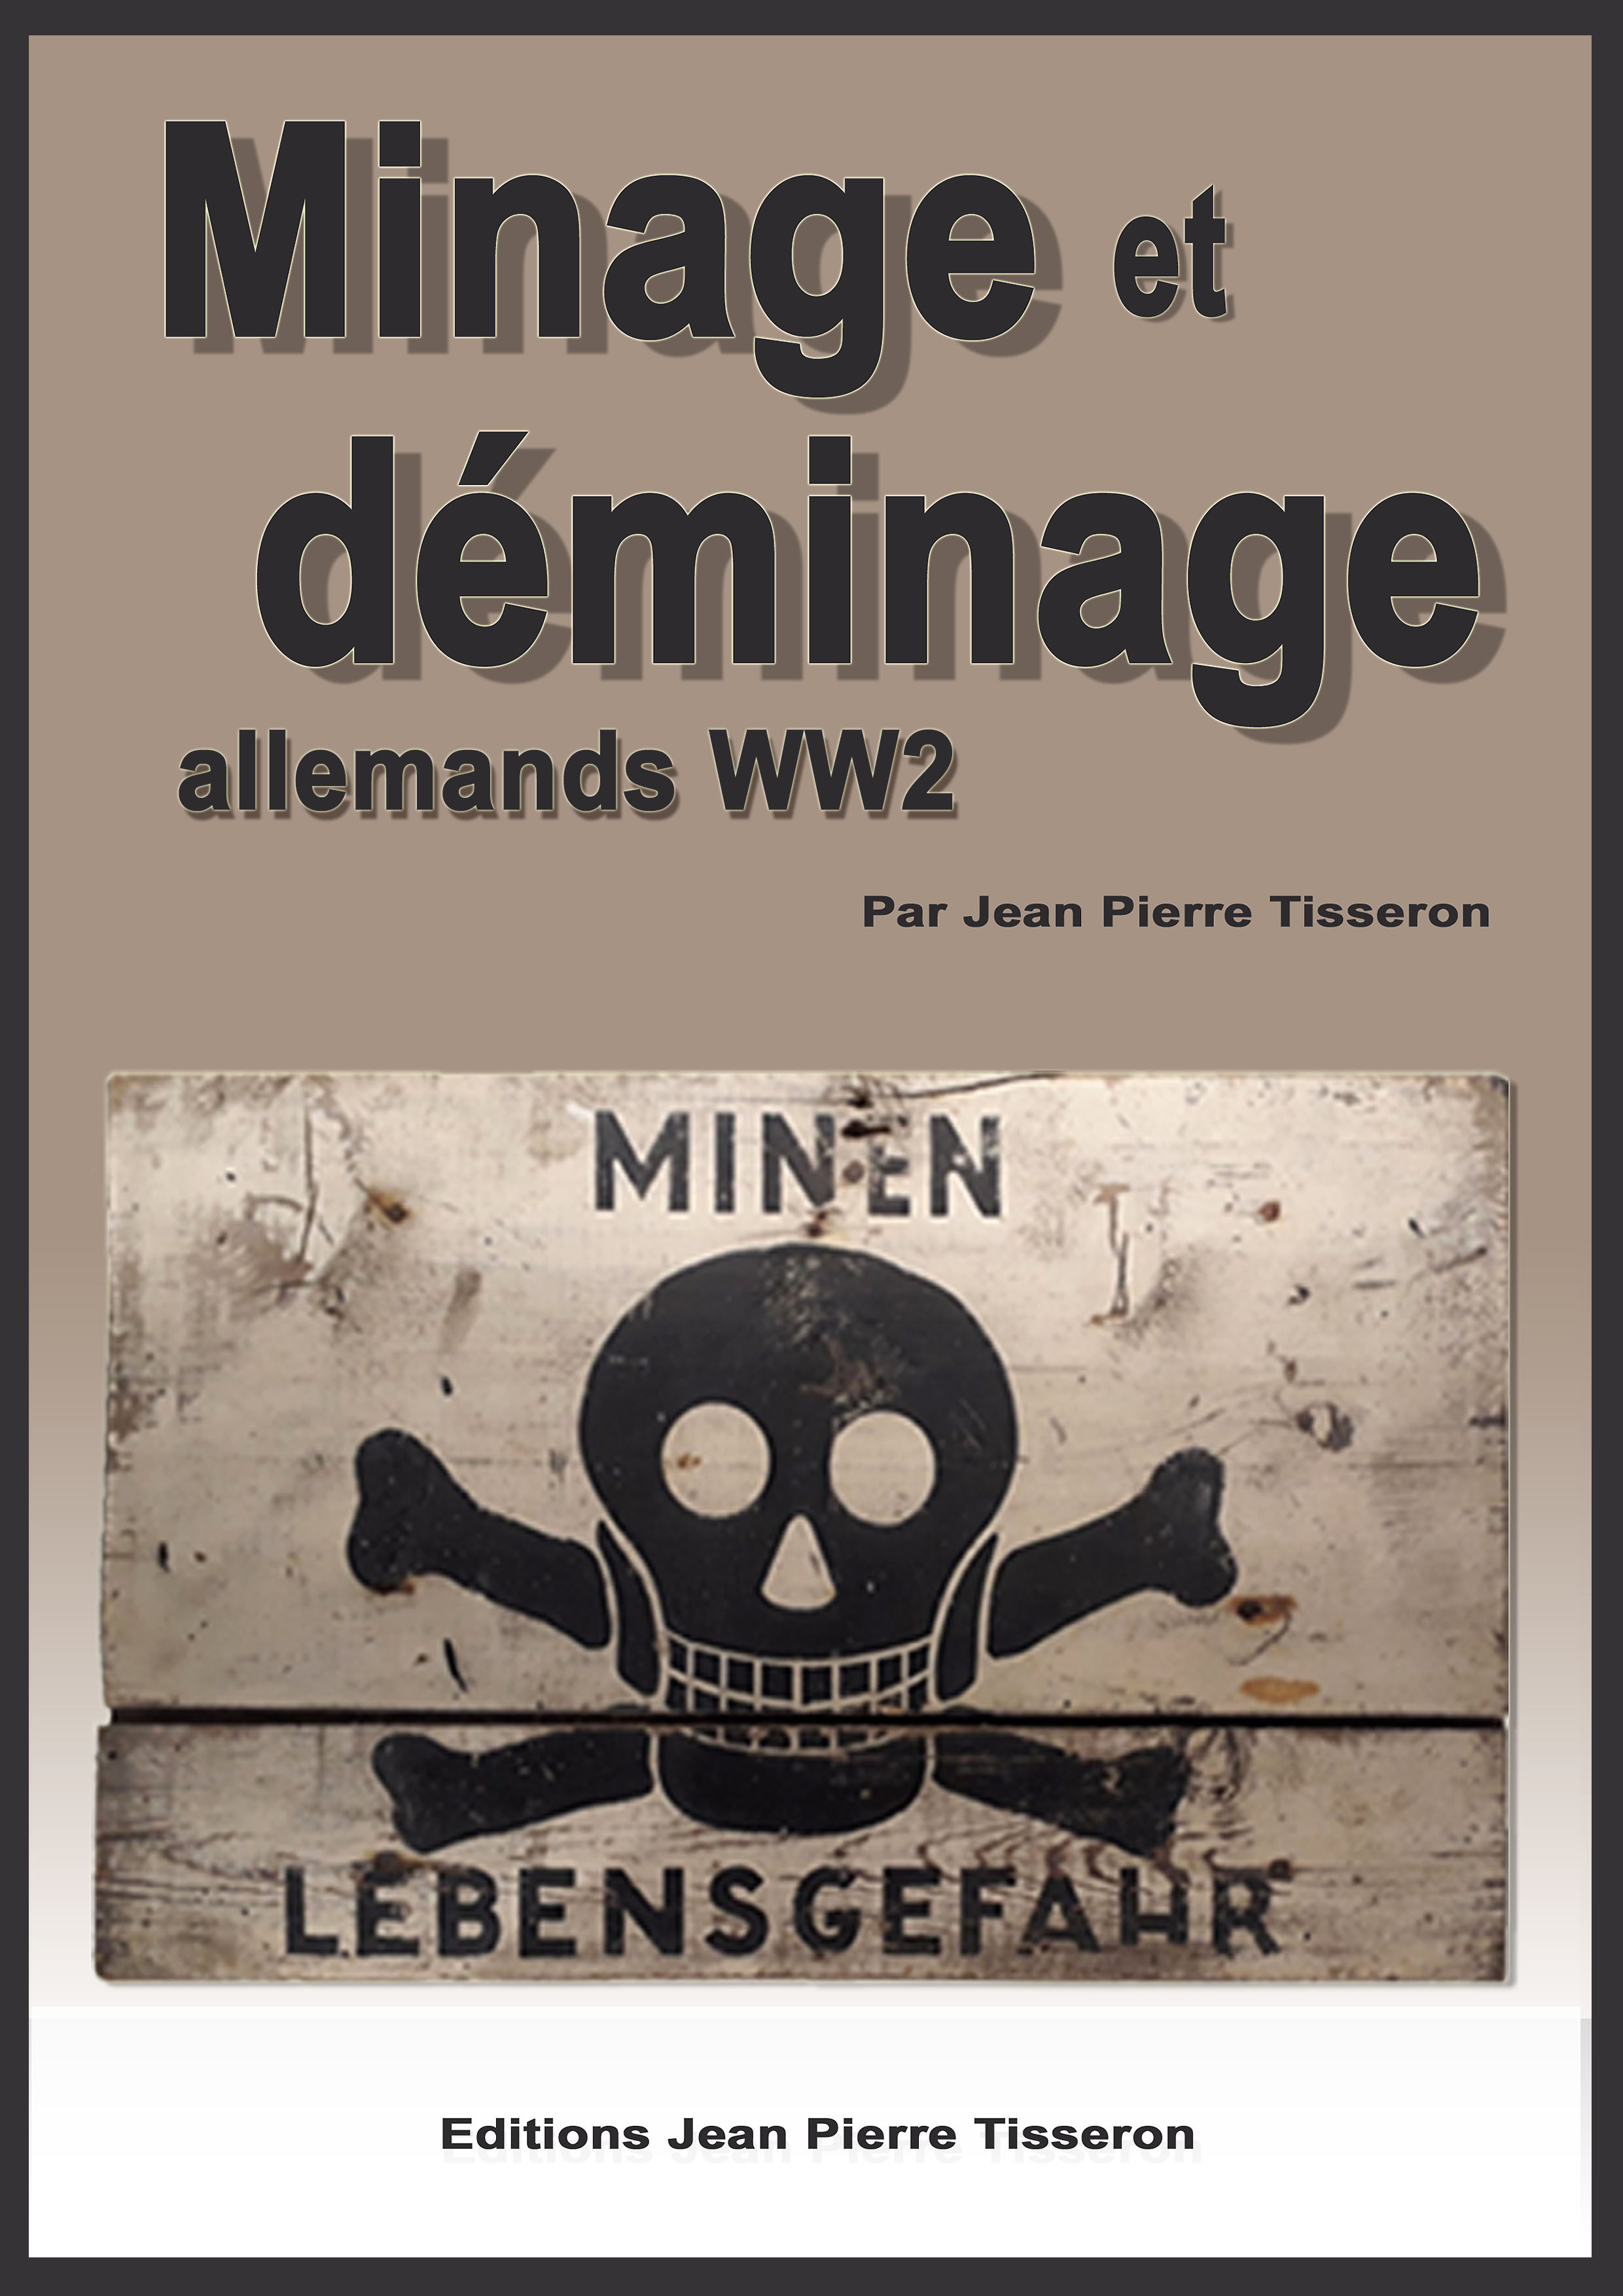 minage et deminage allemands de la seconde guerre mondiale